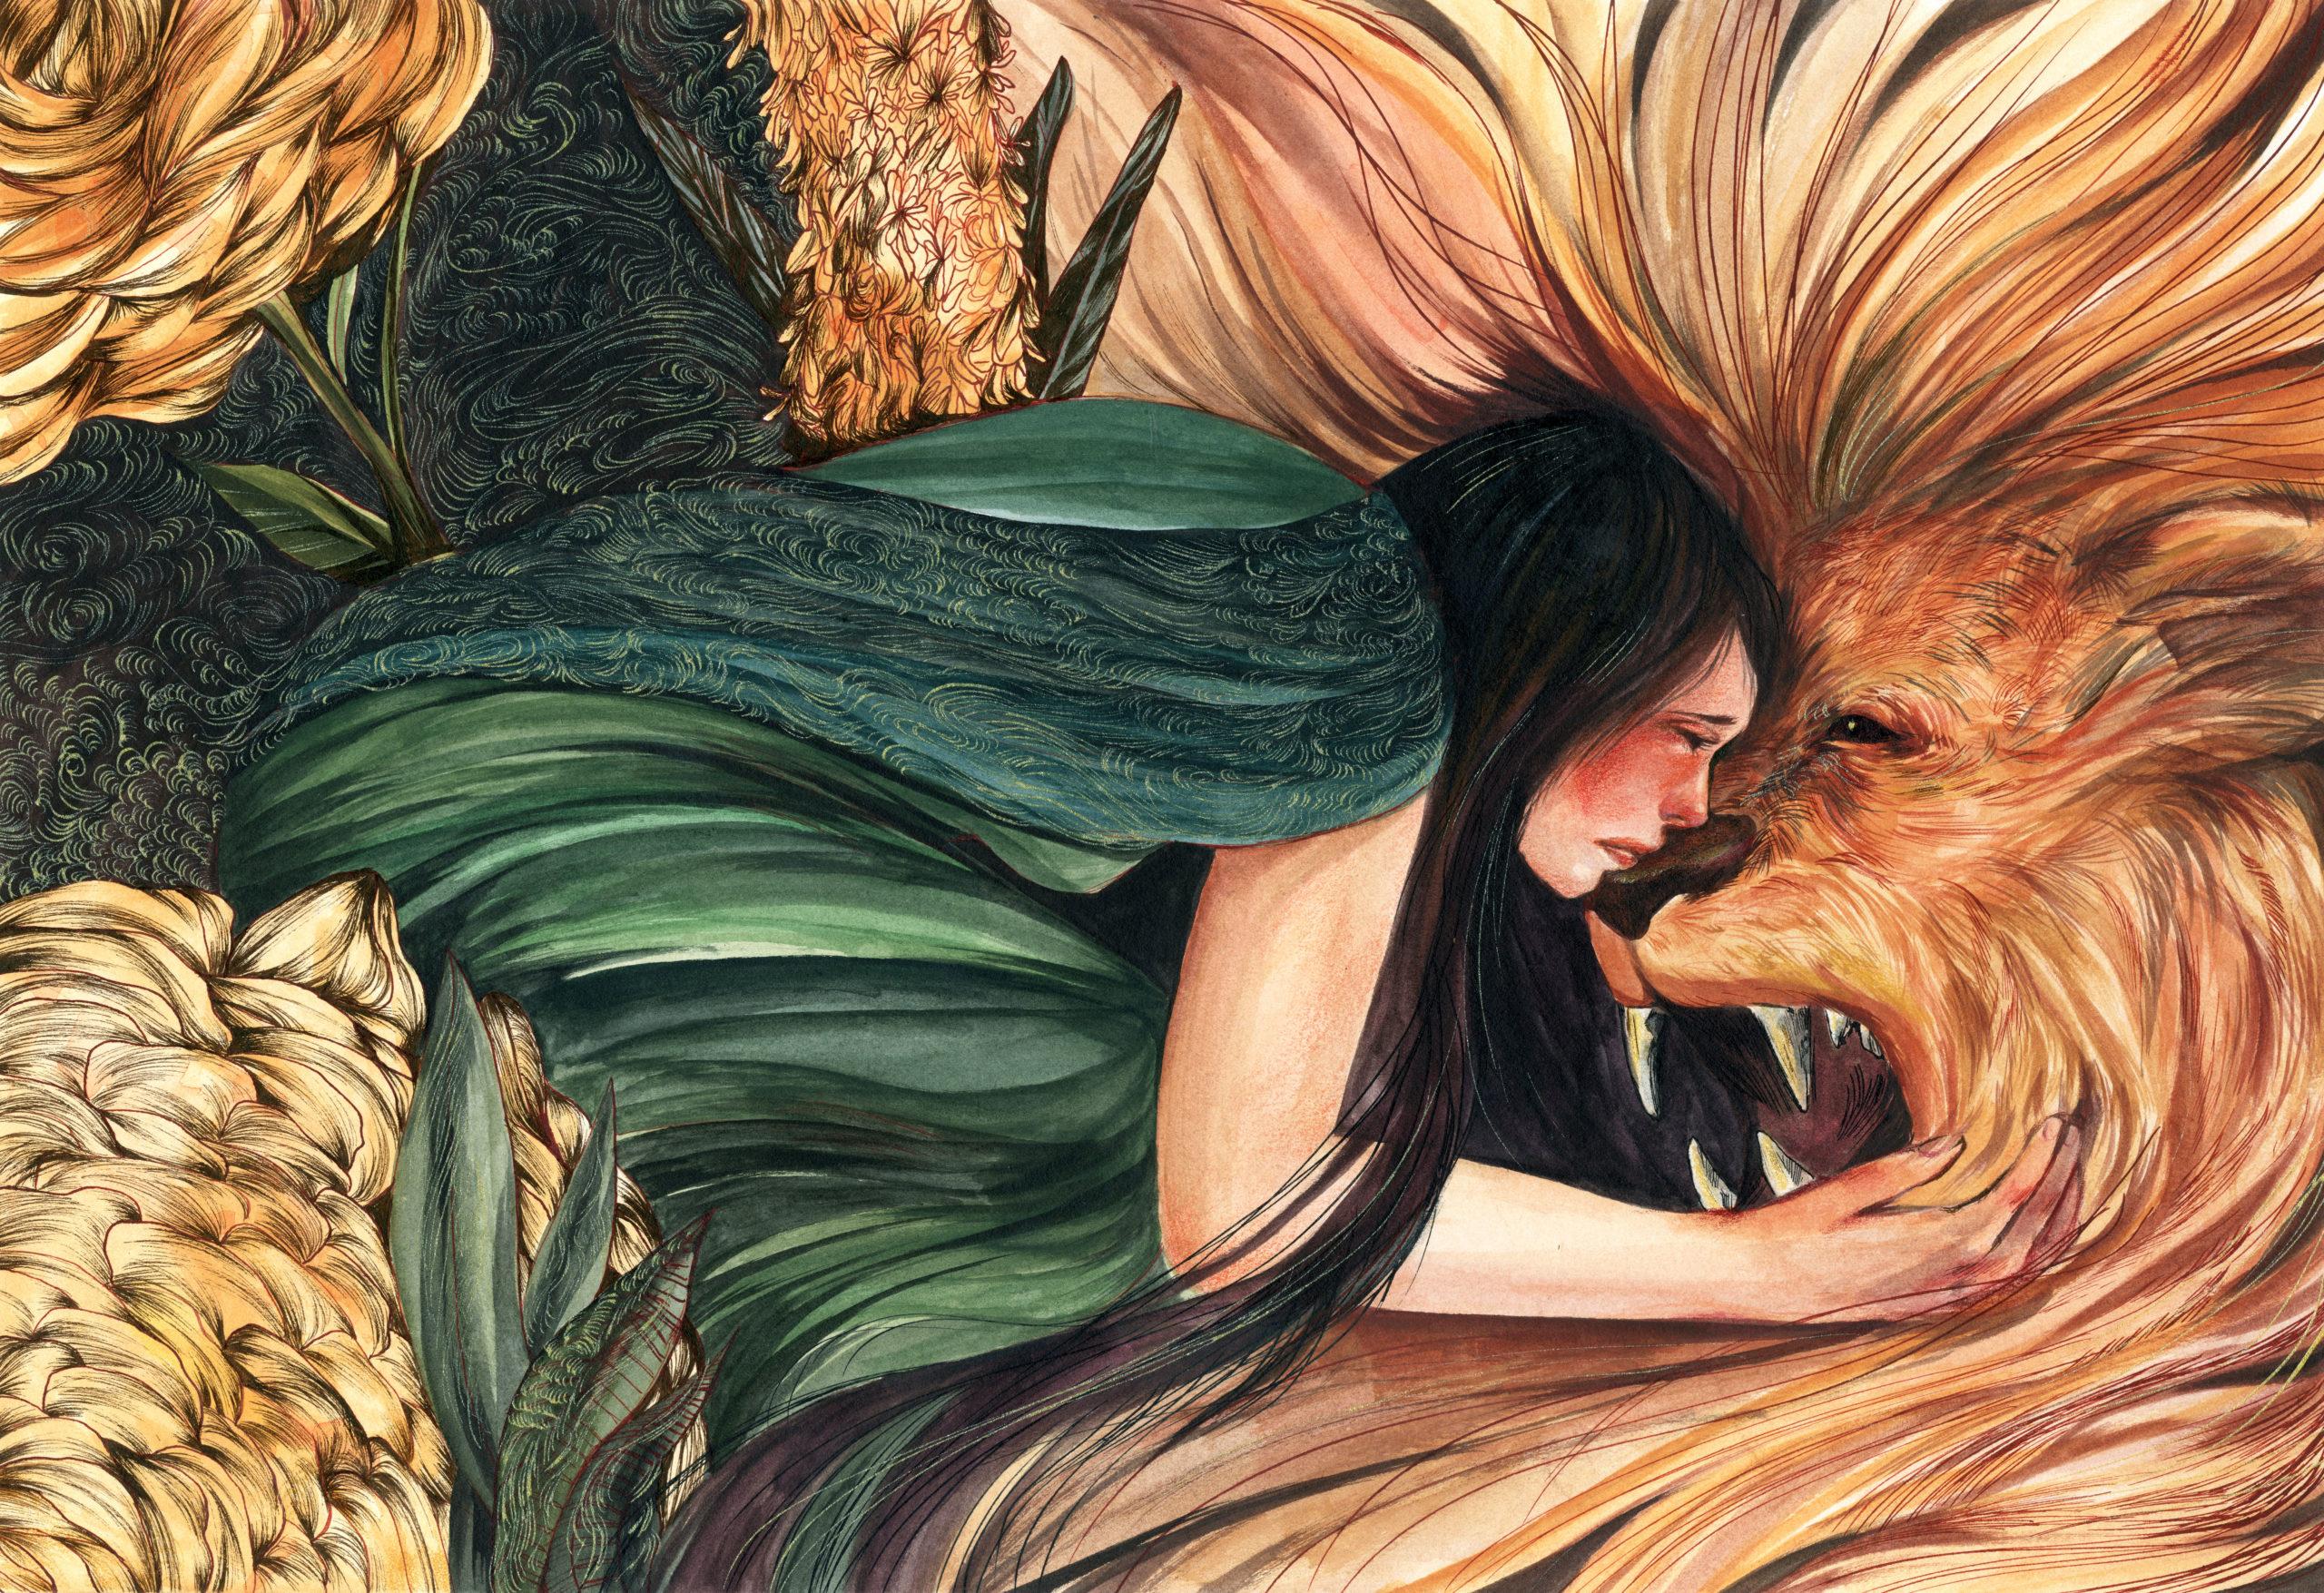 Hercules student artwork from MassArt, Vo